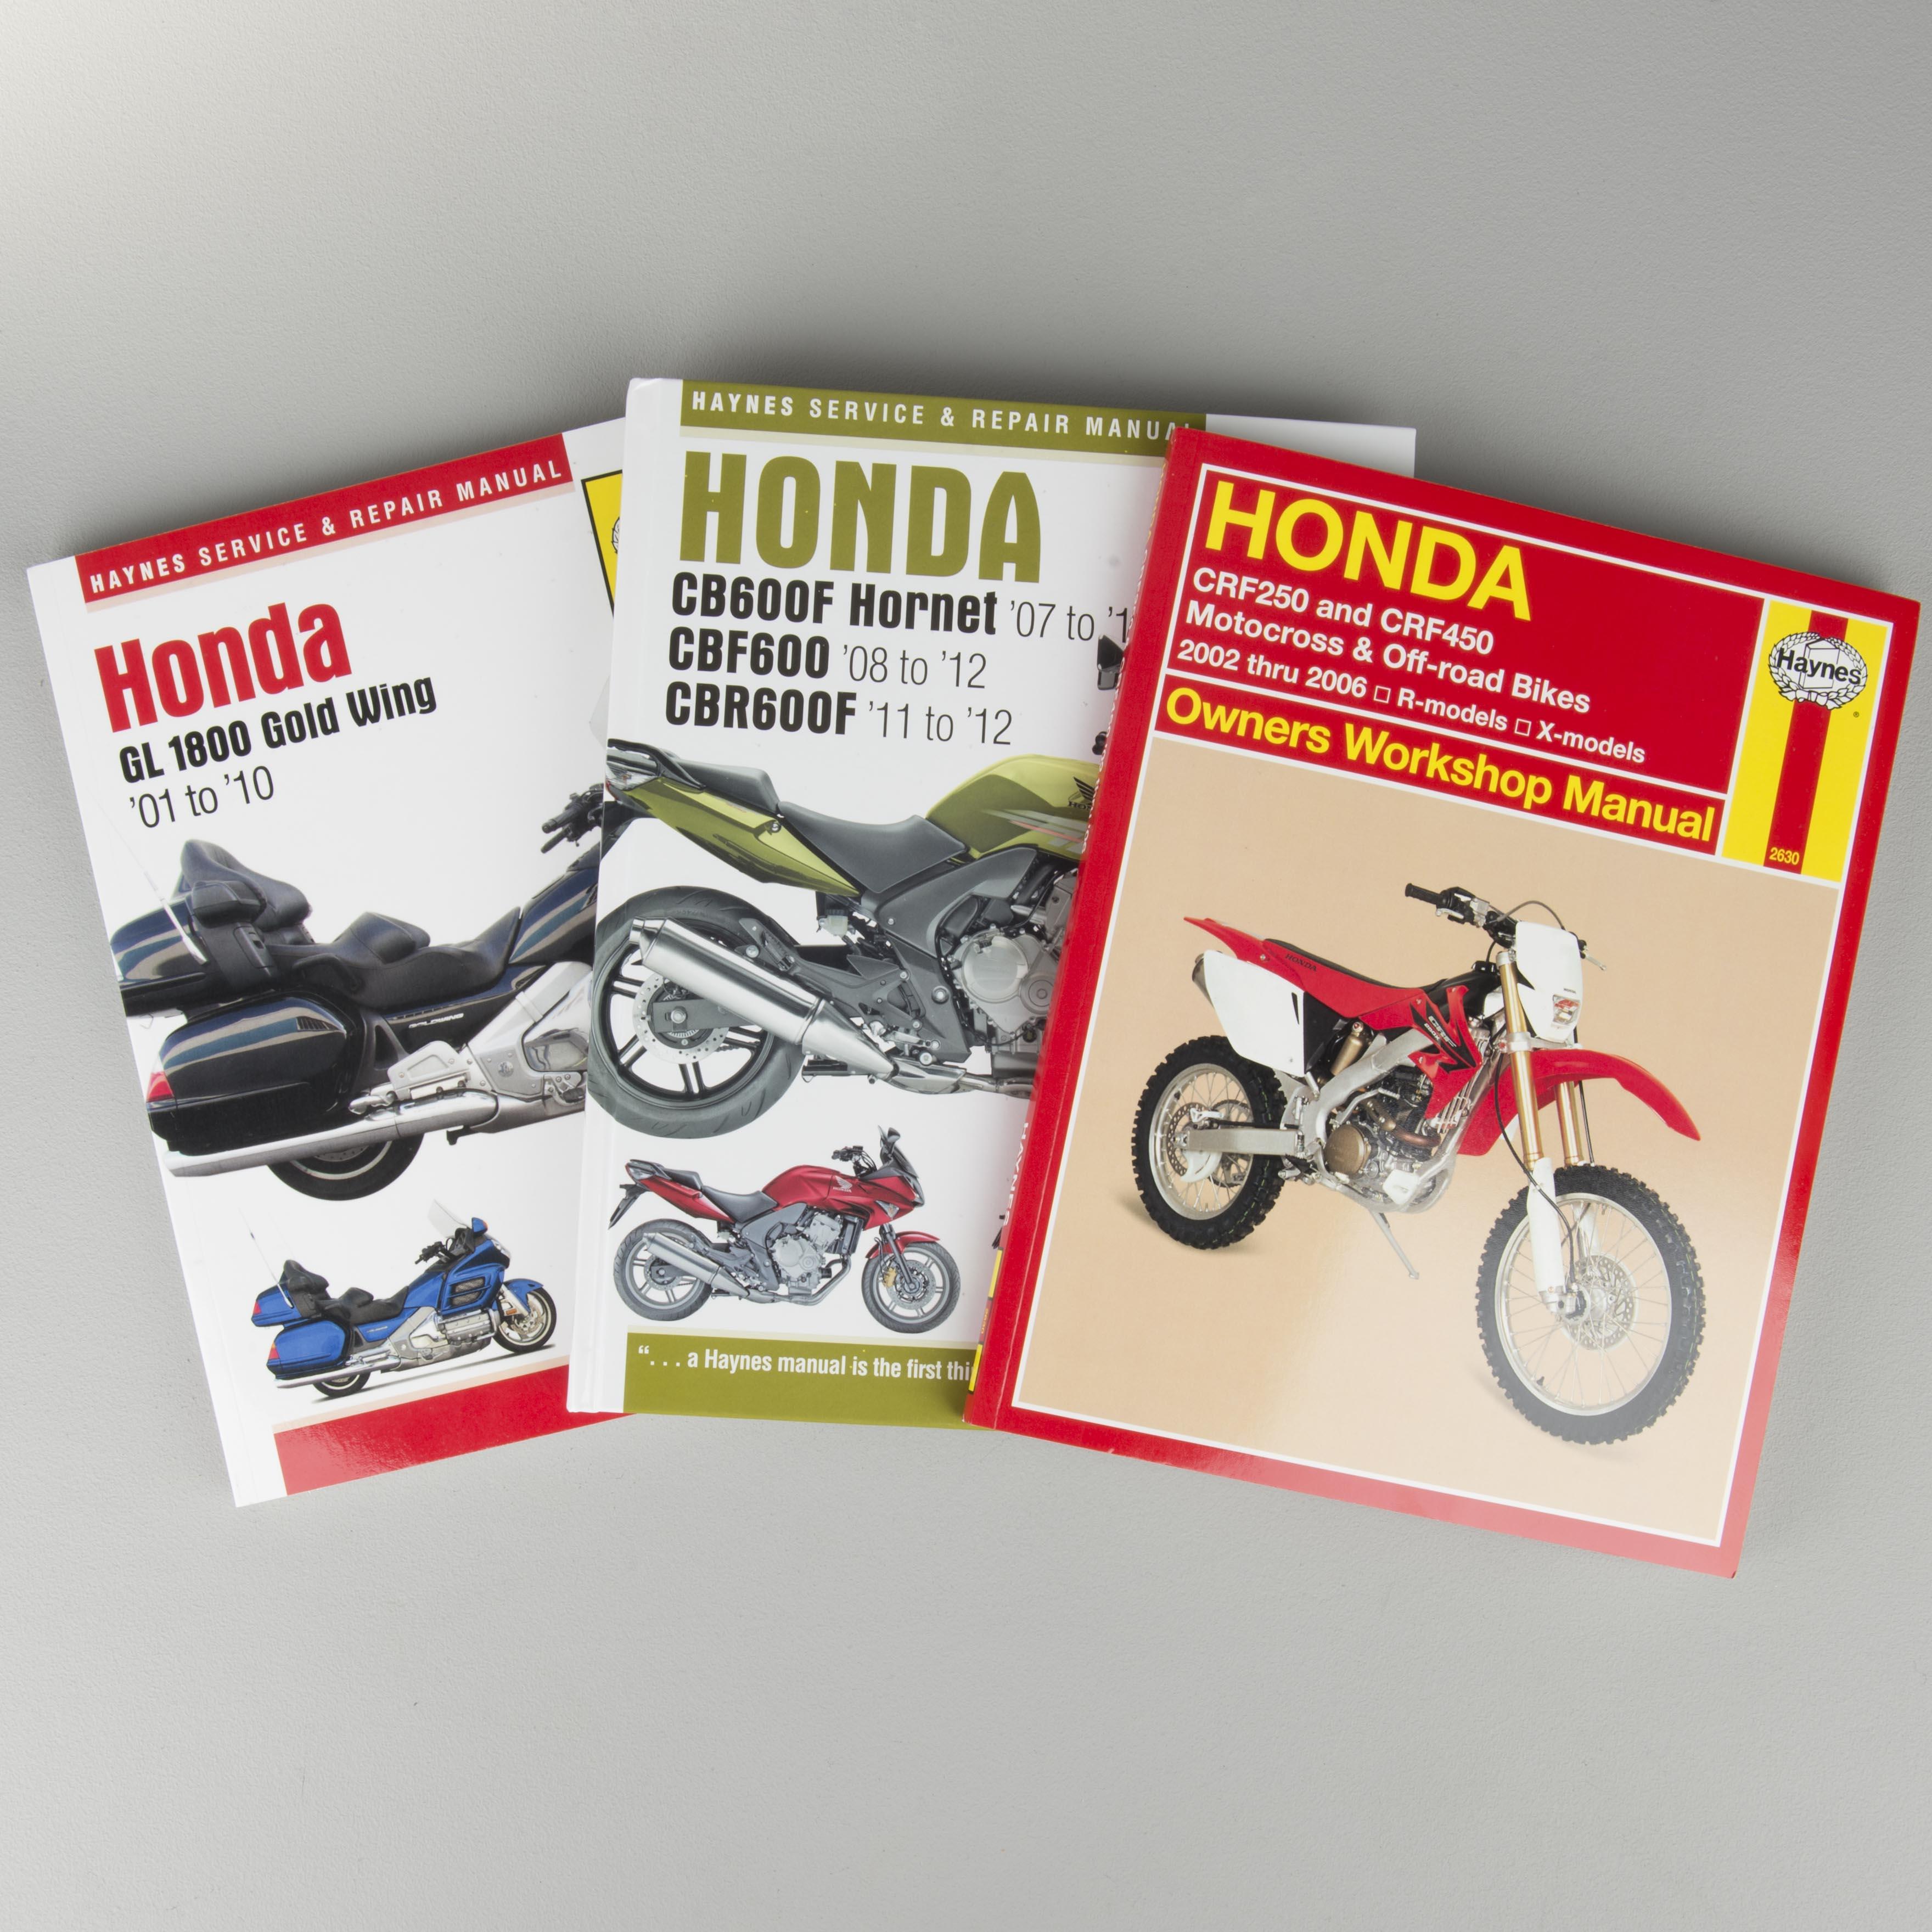 Haynes Workshop Manual Honda Gold Wing 1975-1979 GL GL1000 Service Repair Manual